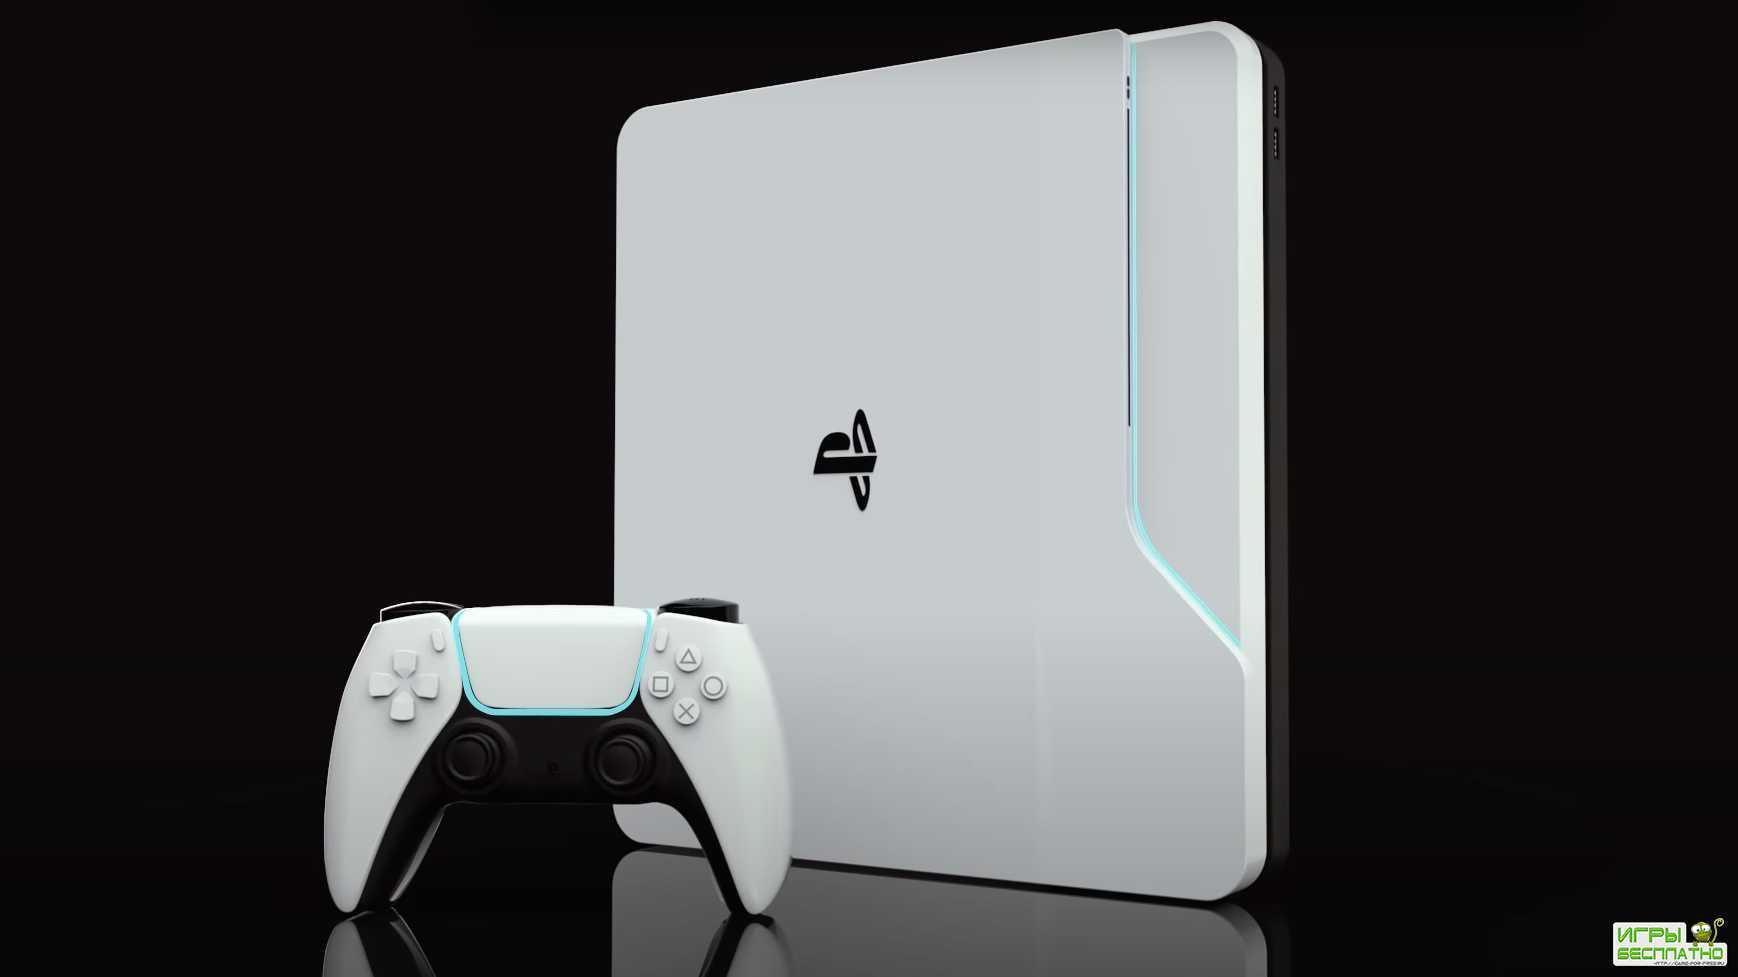 Sony перенесла запланированную на 4 июня презентацию PlayStation 5 из-за бушующих в США протестов